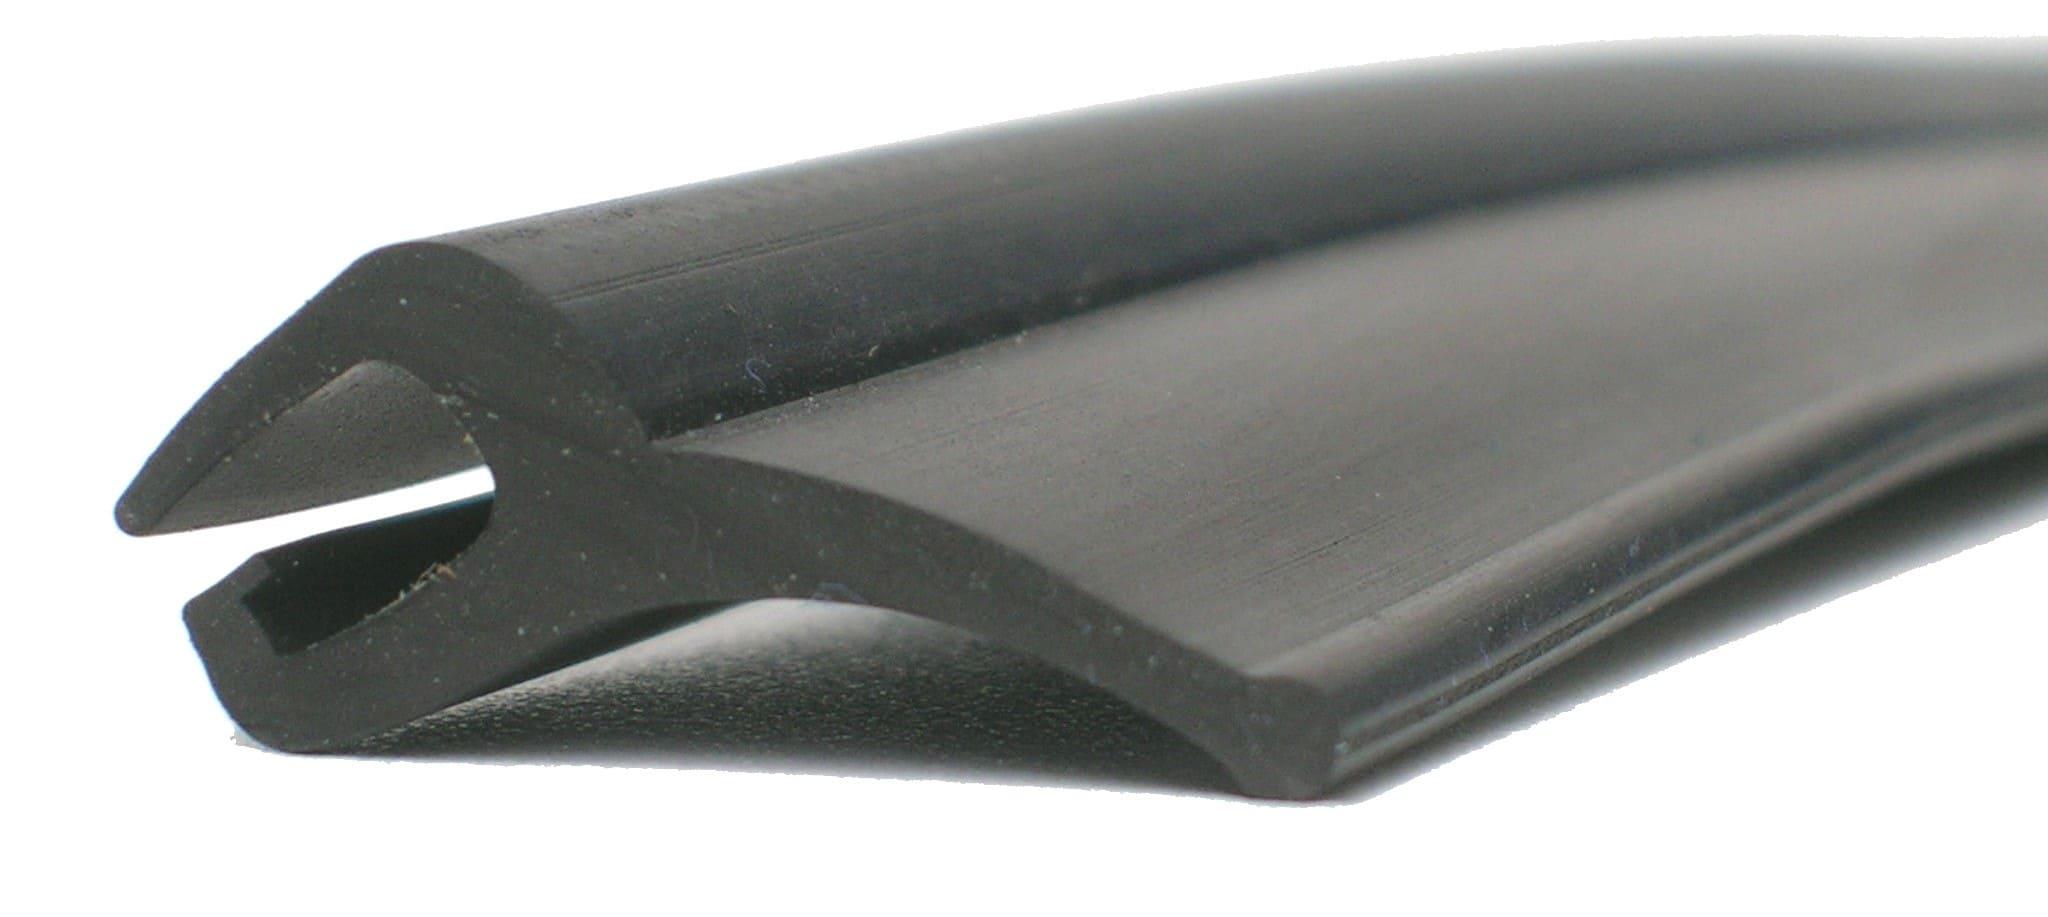 Магнит спрятан под мягким материаломФОТО: decorexpro.com